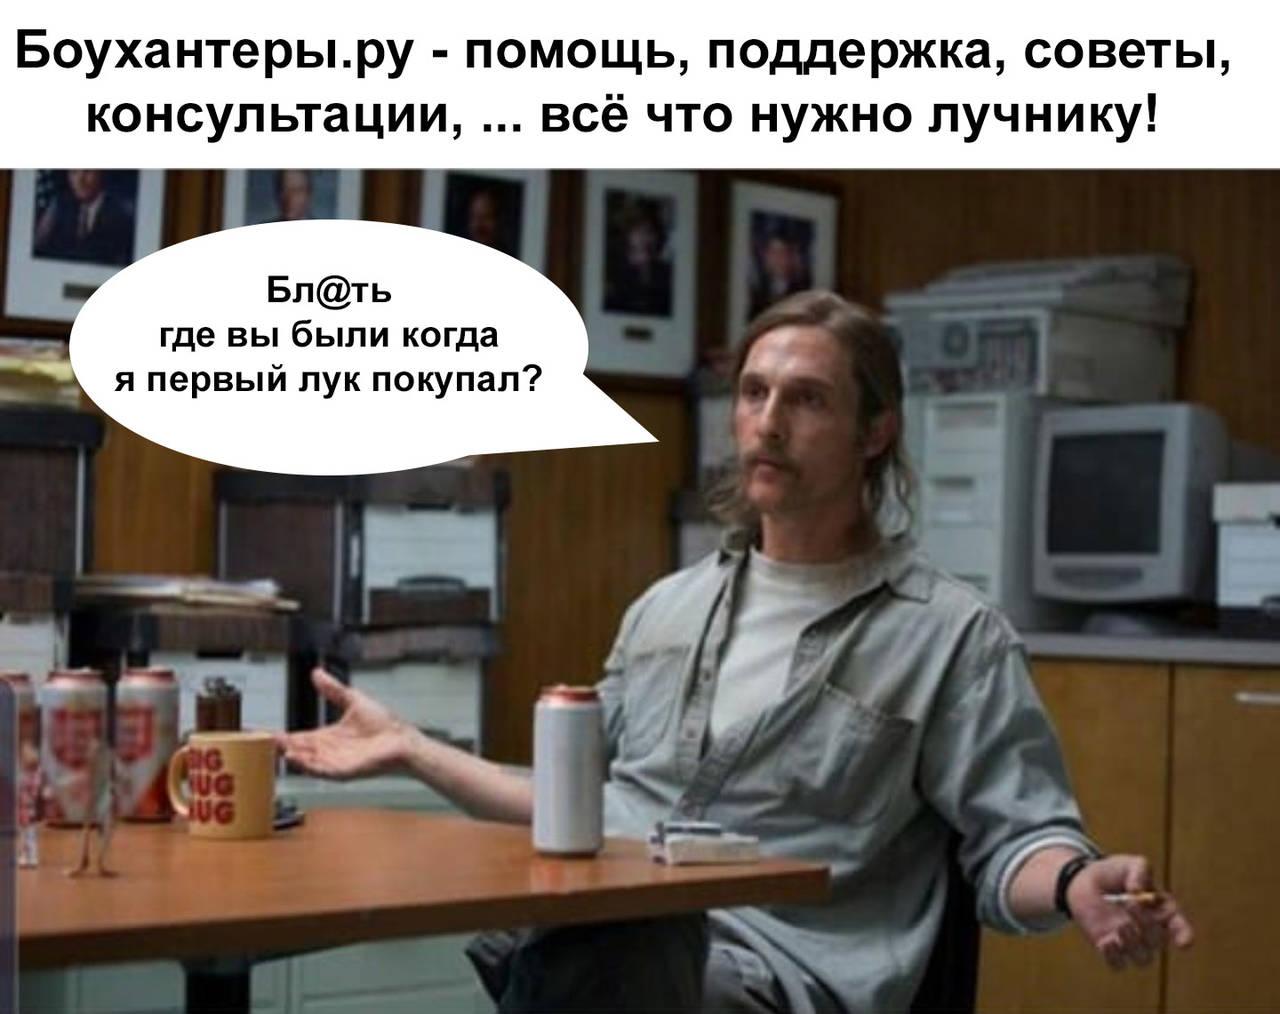 http://forumupload.ru/uploads/001a/8c/05/221/685039.jpg